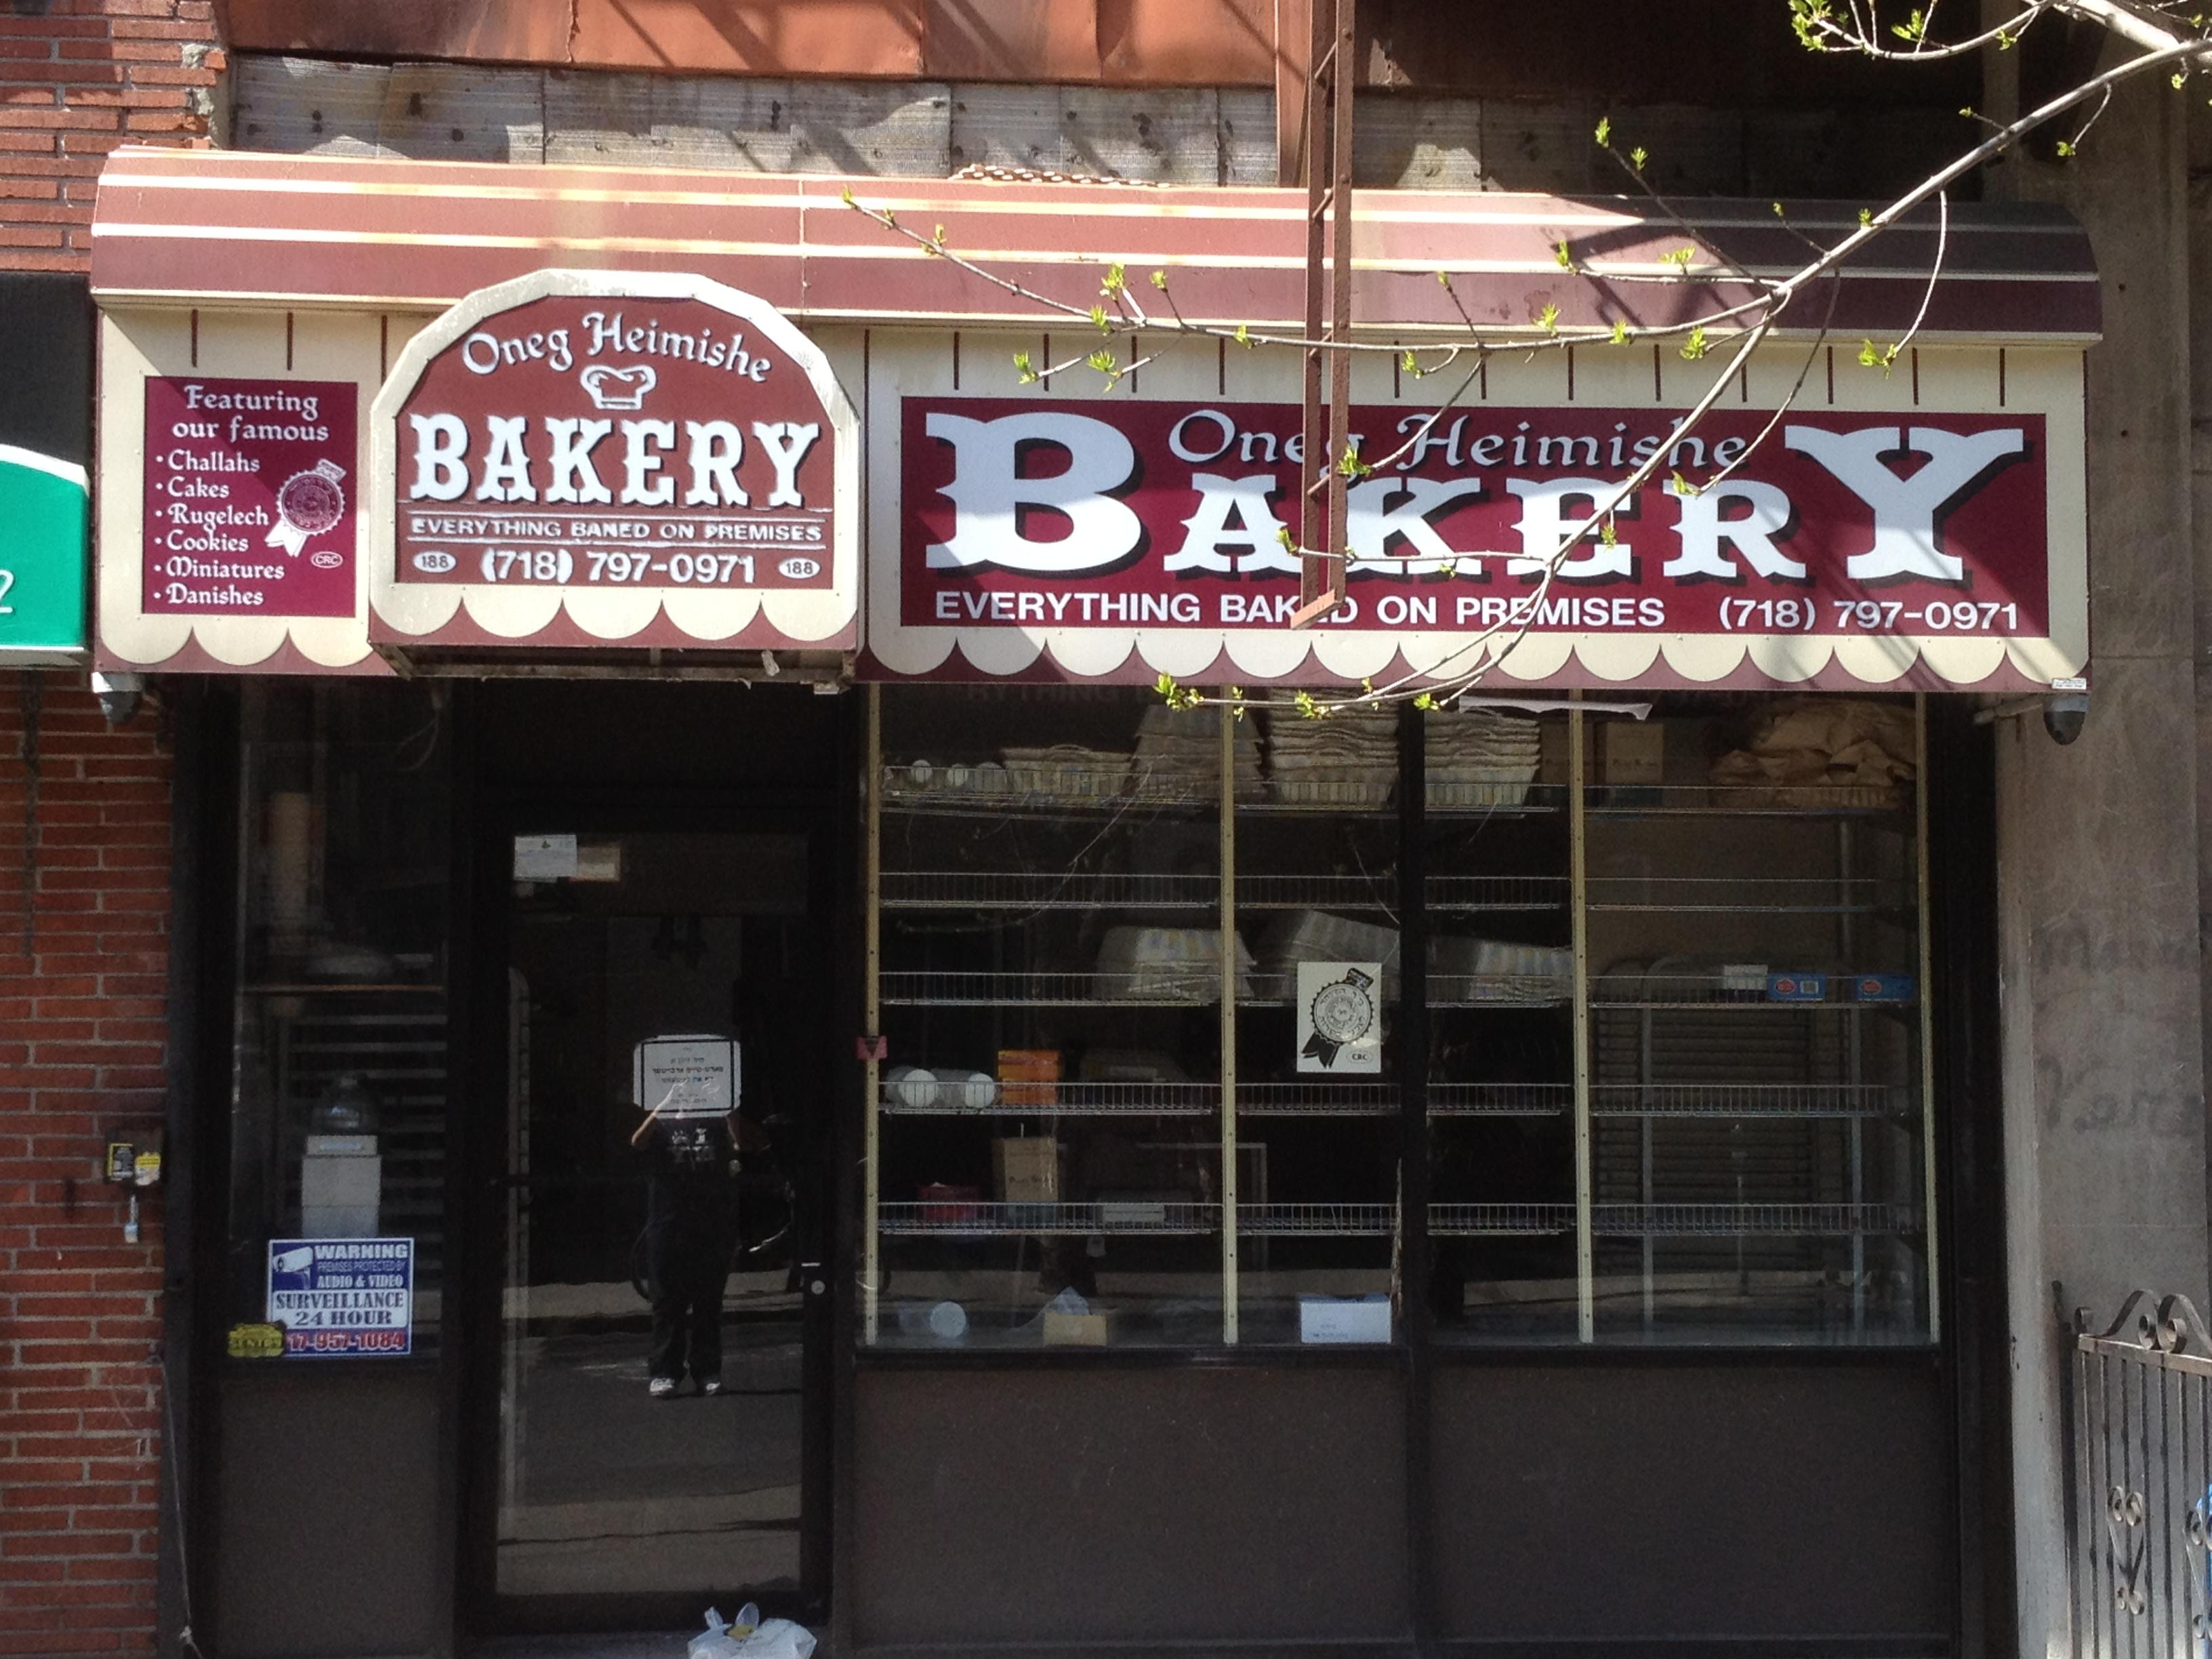 Hasidic clothing store